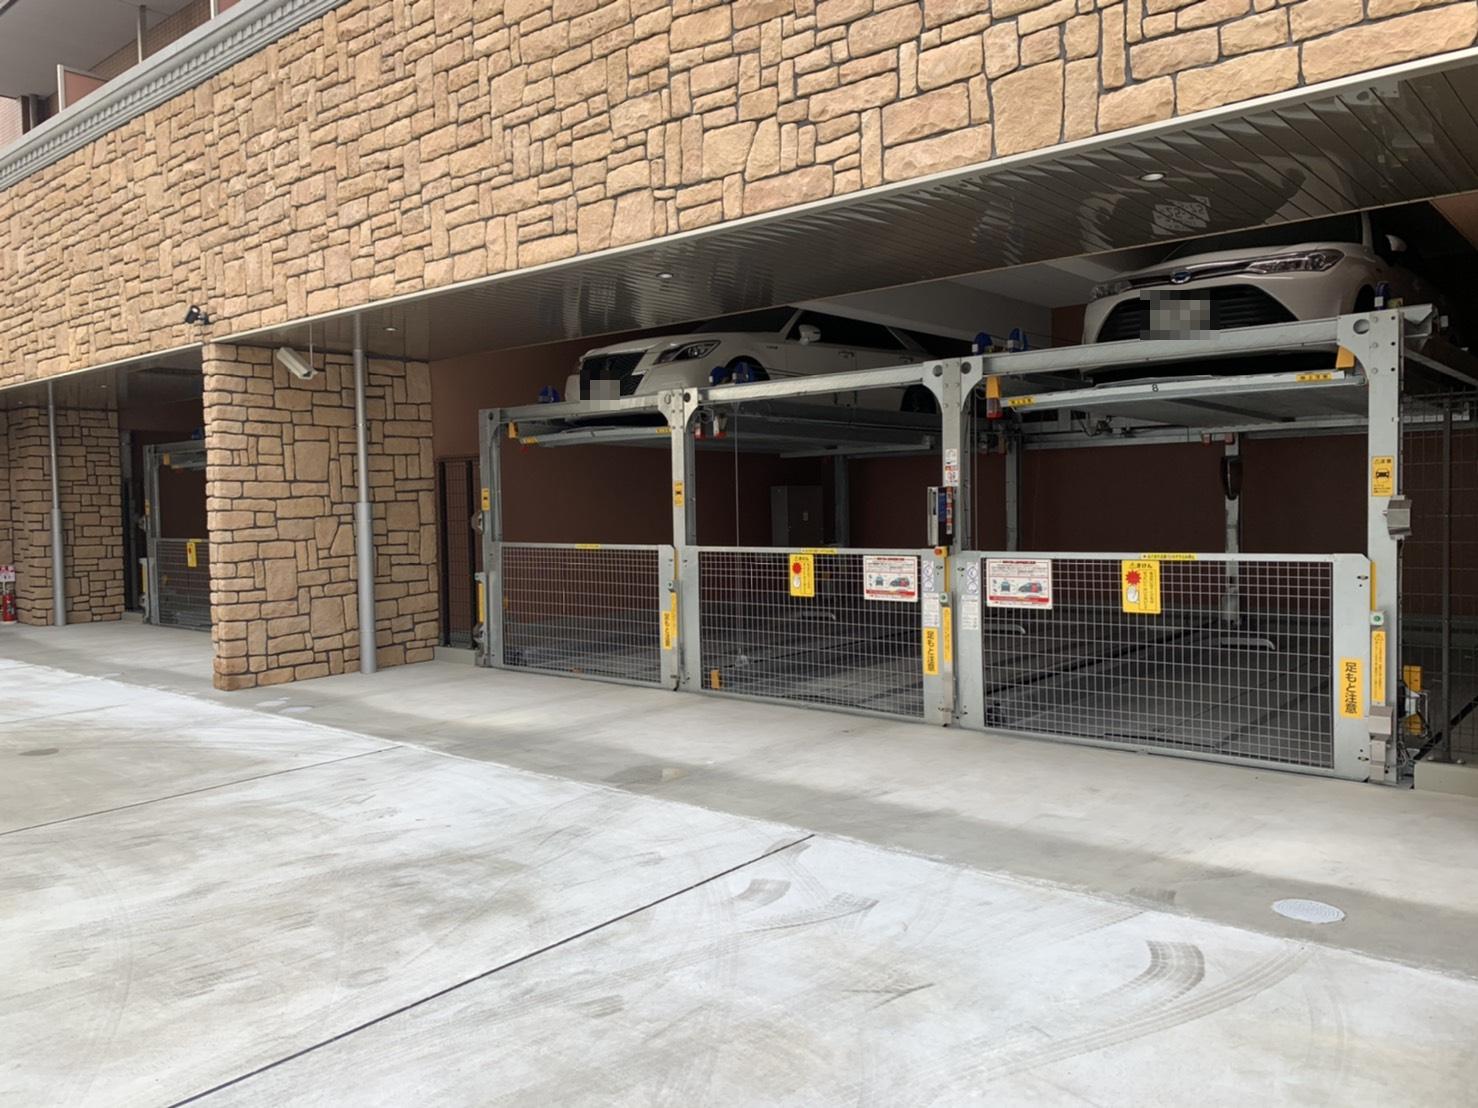 2020年1月度 15件の立体駐車場メンテナンス新規受託を頂きました!